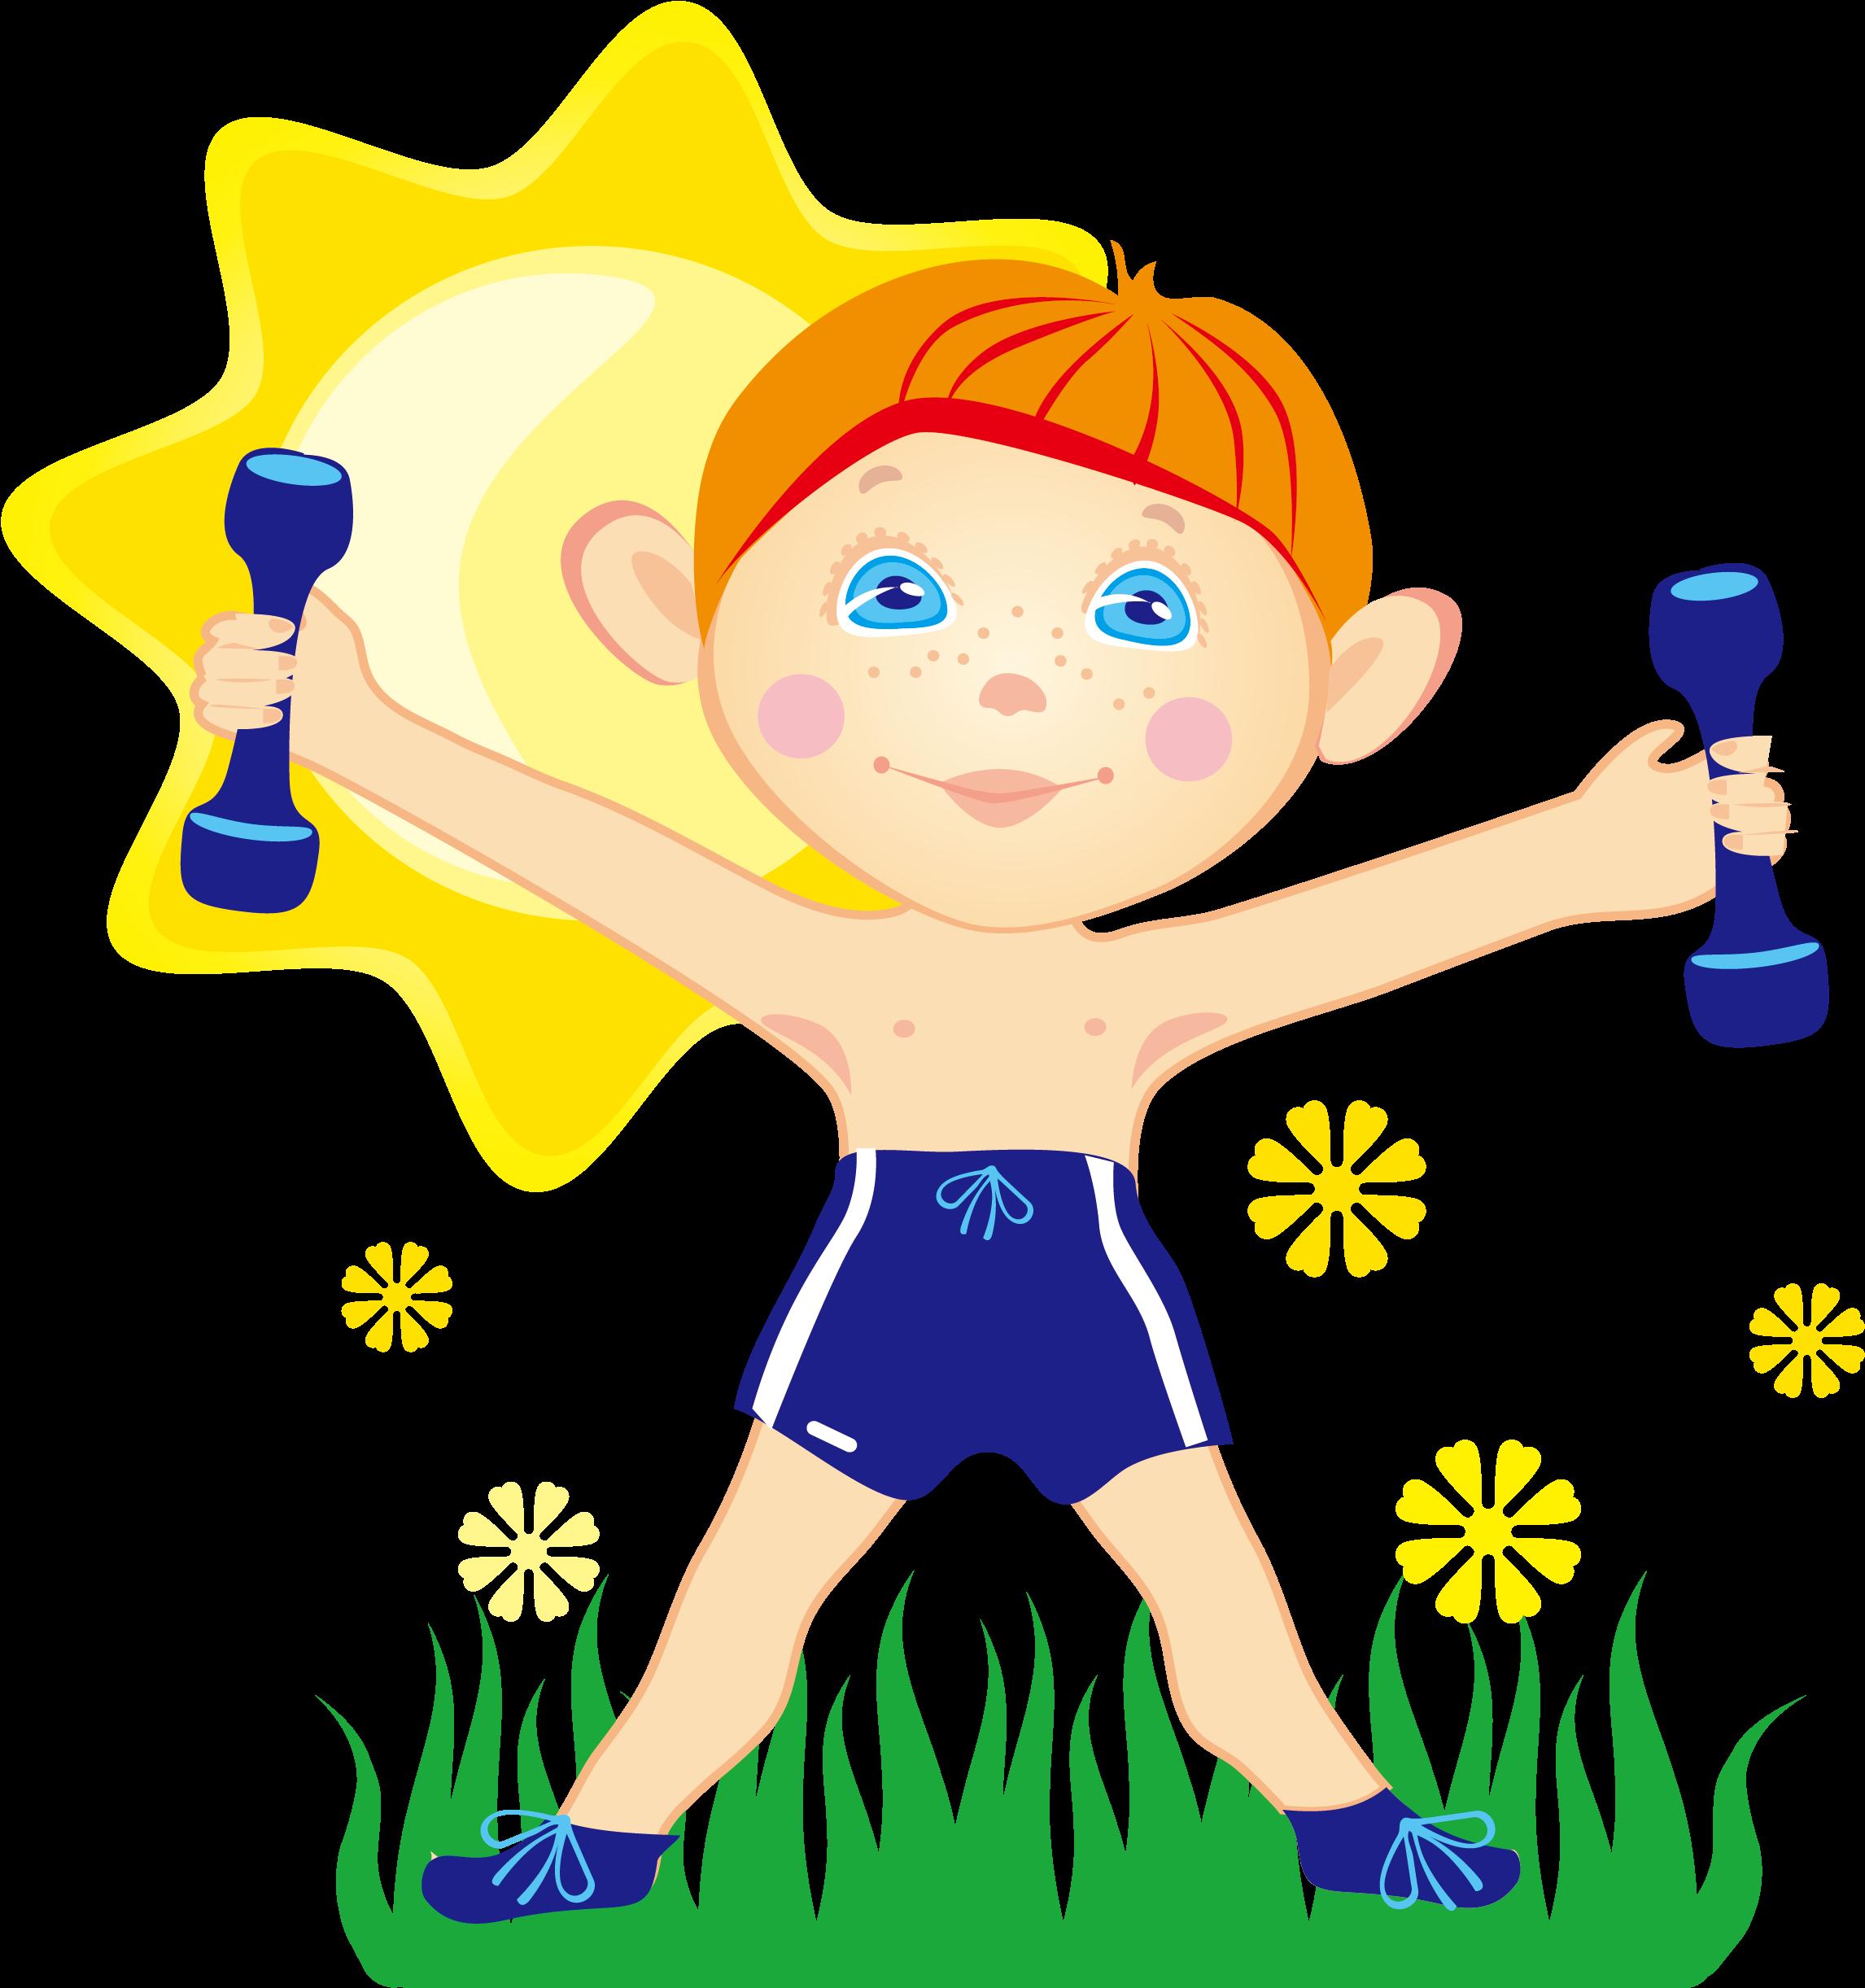 Картинка здорового человека для детей